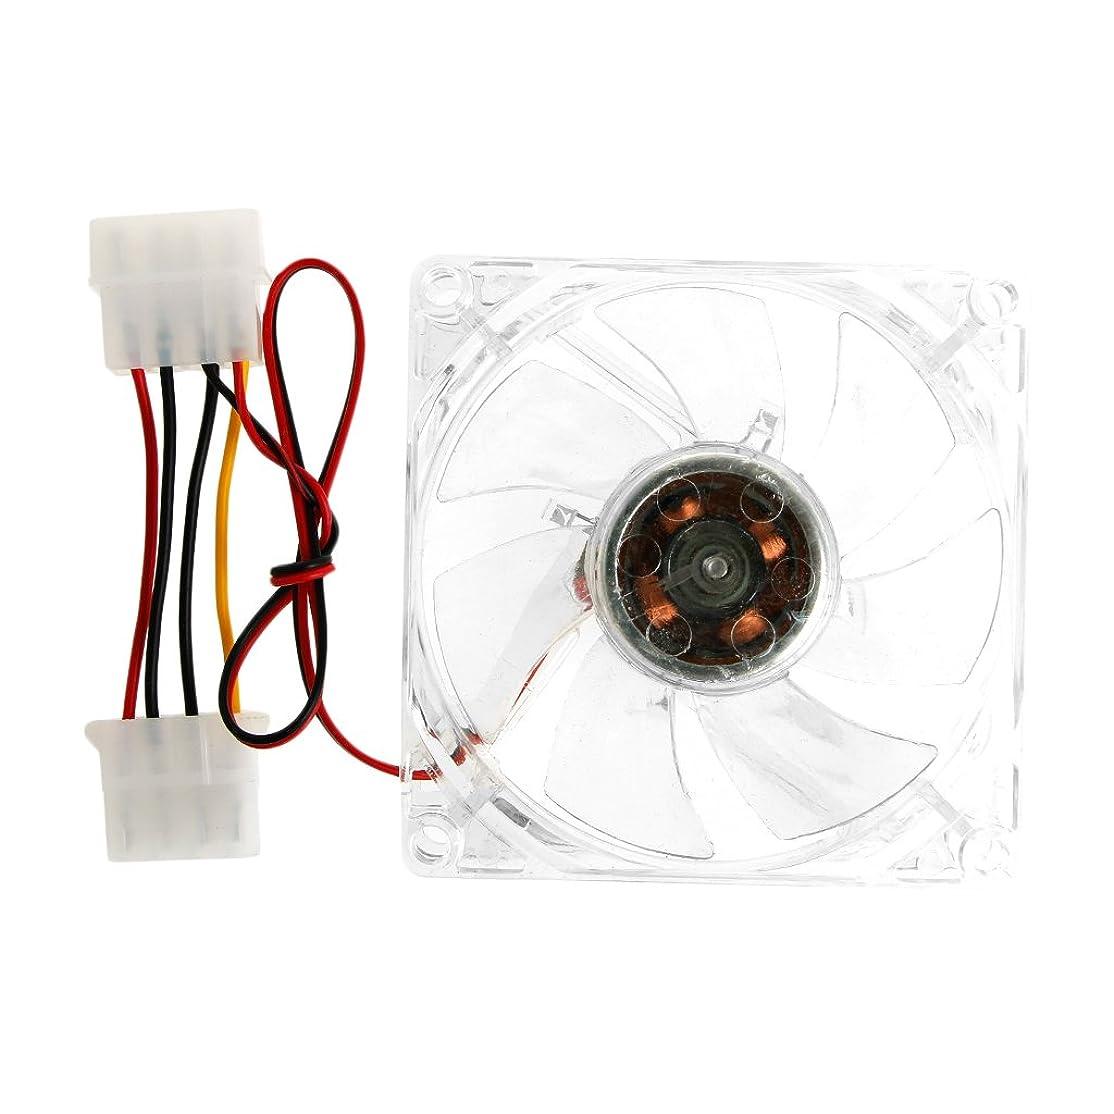 Rabortw クリア4-LEDブルーネオンライト80mm 12V 0.18A PCコンピューターケース冷却ファン8025